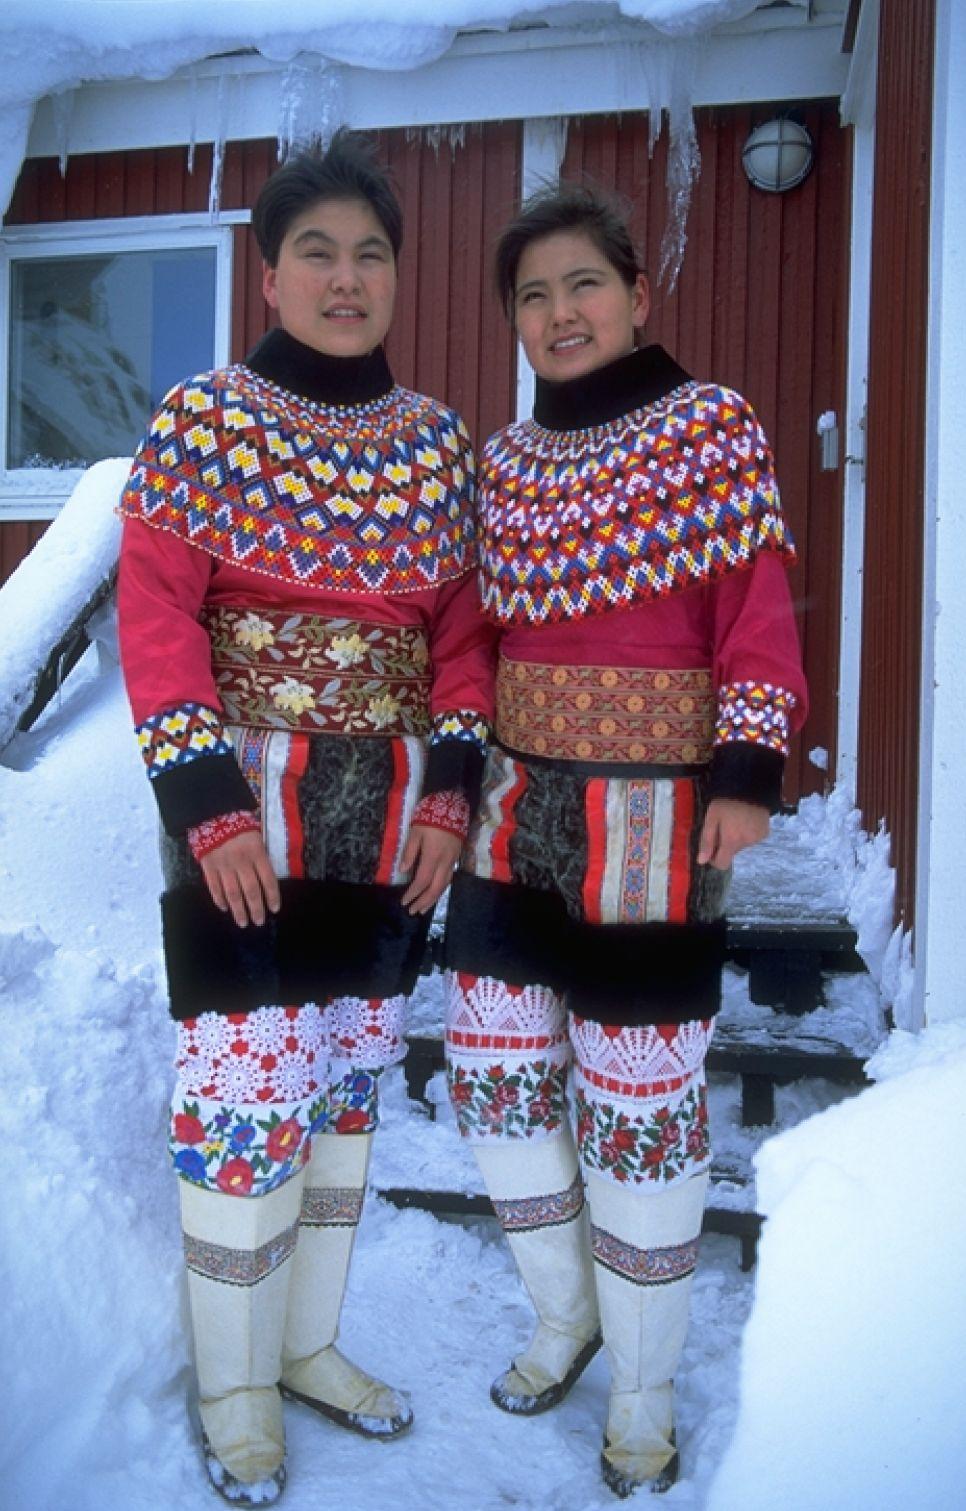 Культура ескімосів. Автор висловив бажання дізнатися більше про культуру гренландських ескімосів. Верхня частина національного одягу виготовлена з тисячі бусин. Фото: reenland Tourism/ Lars Reimers